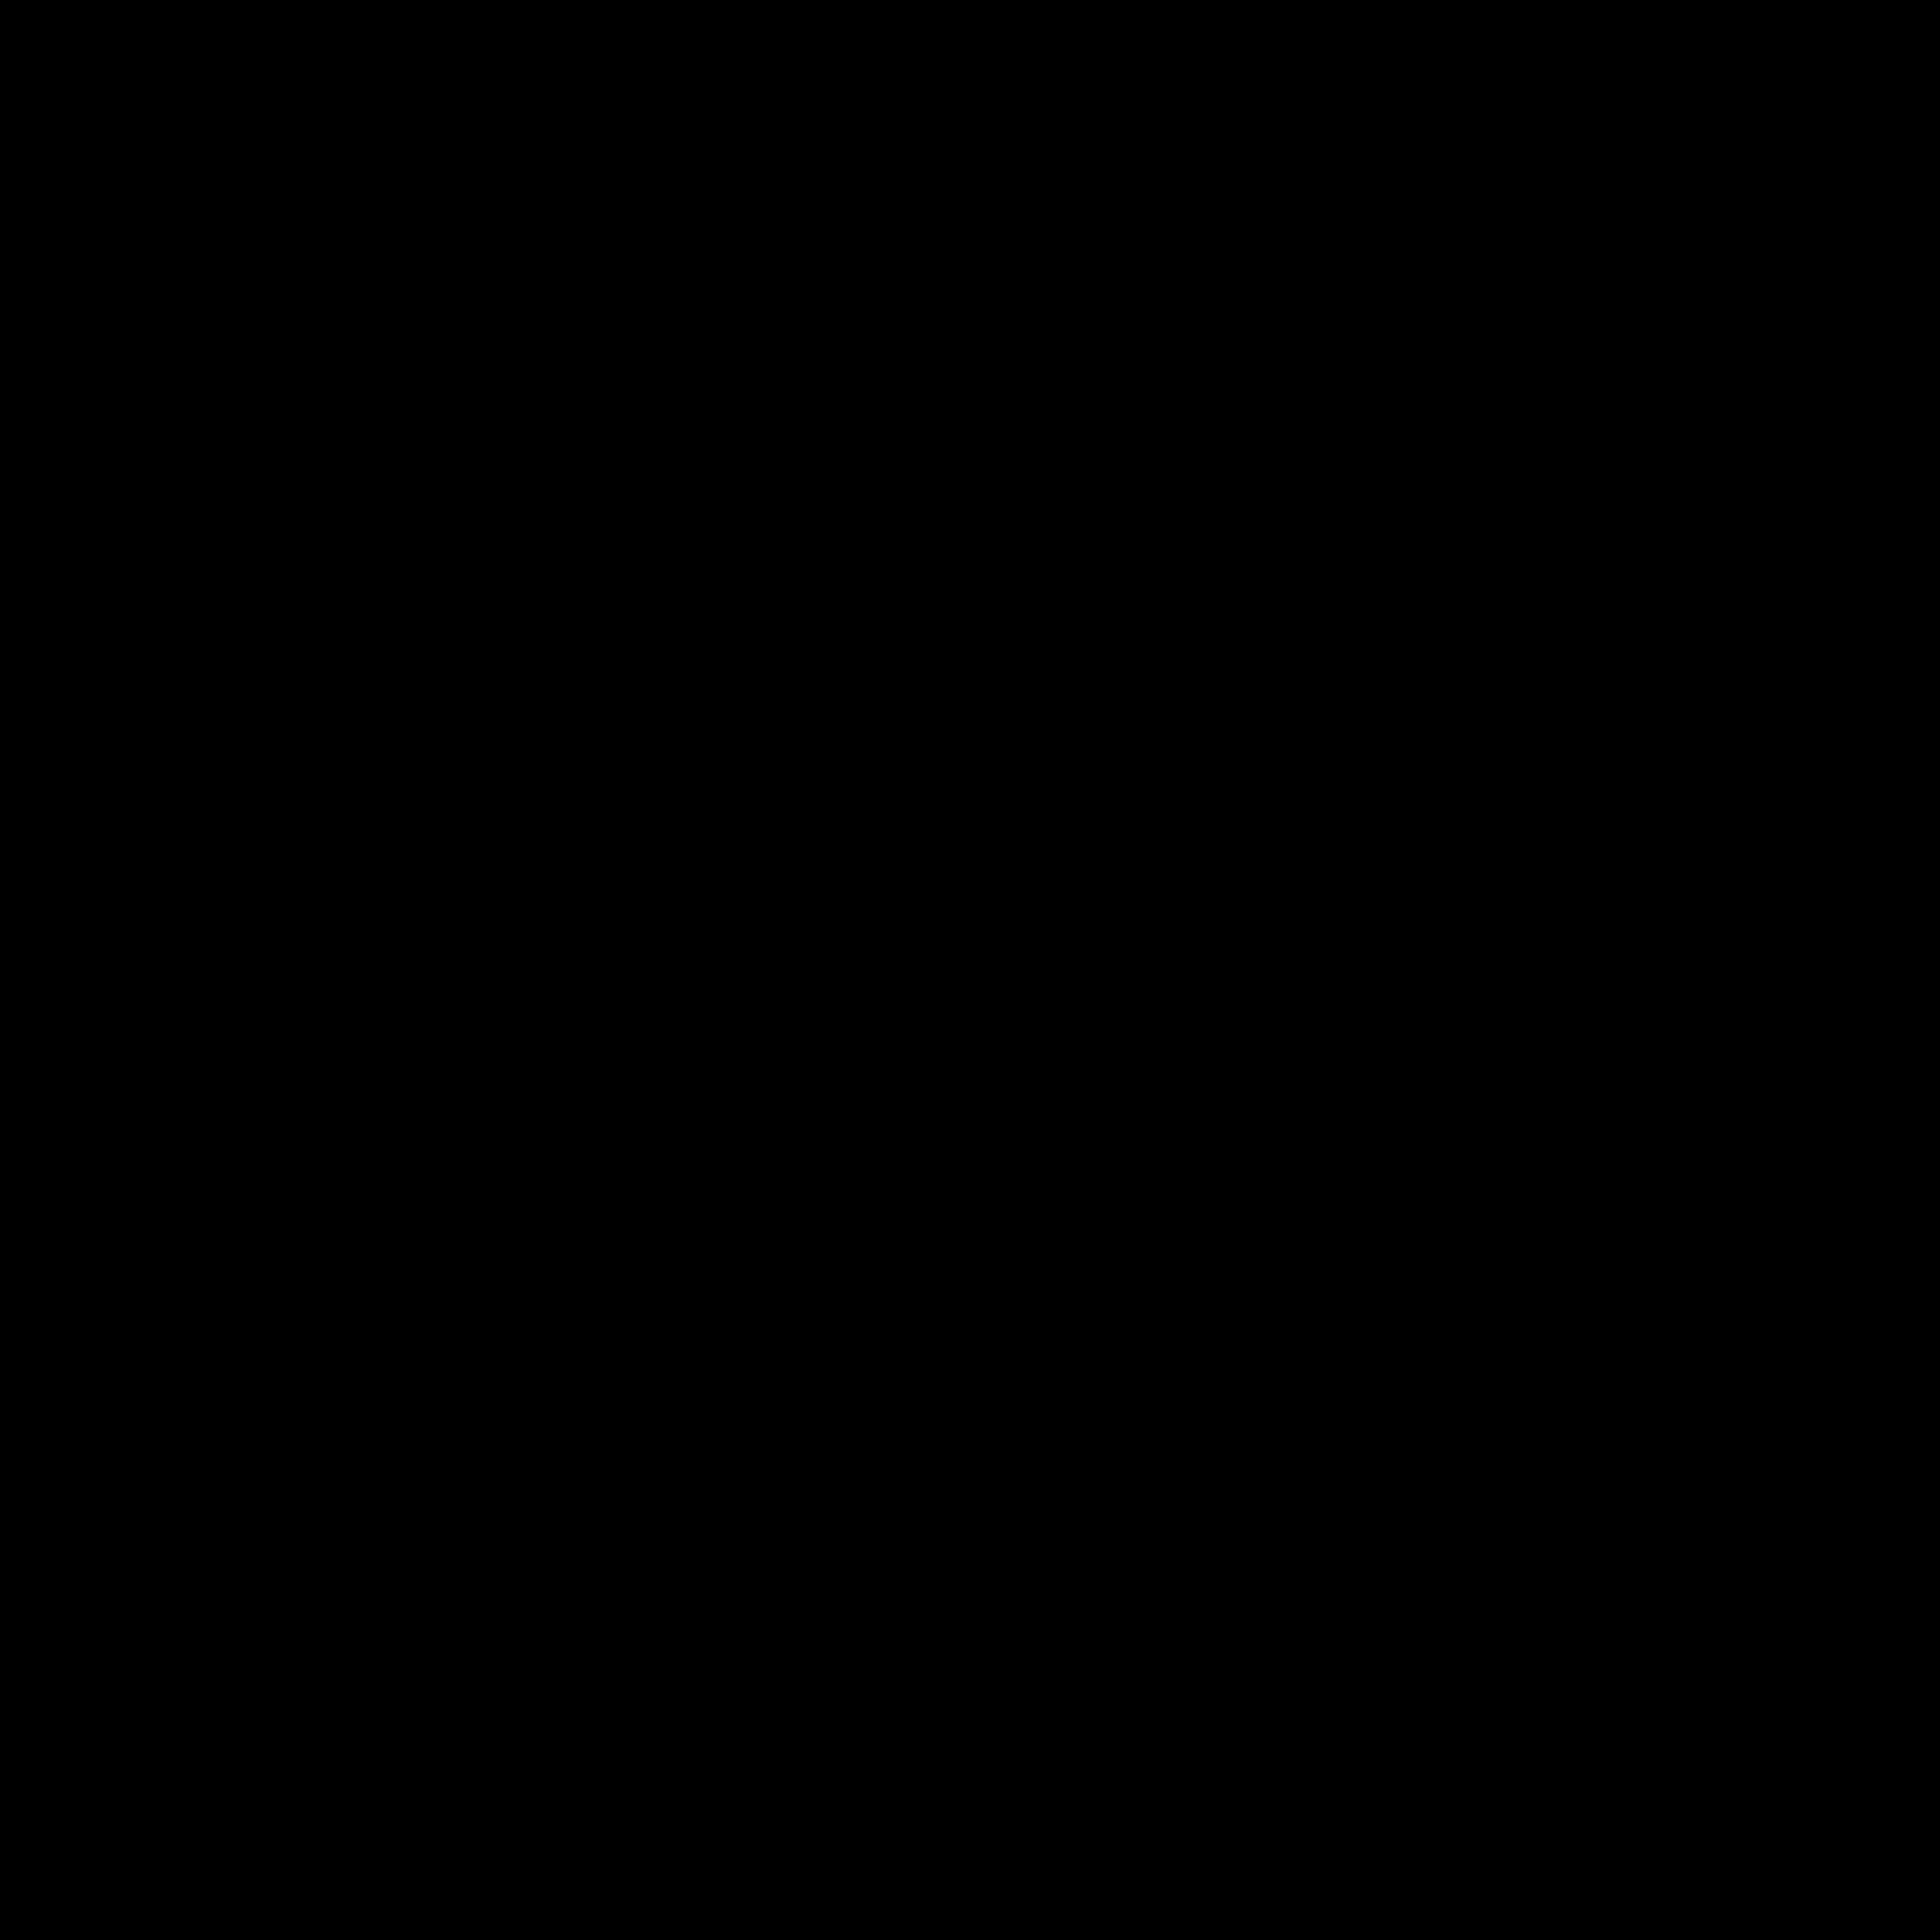 pyramid resell